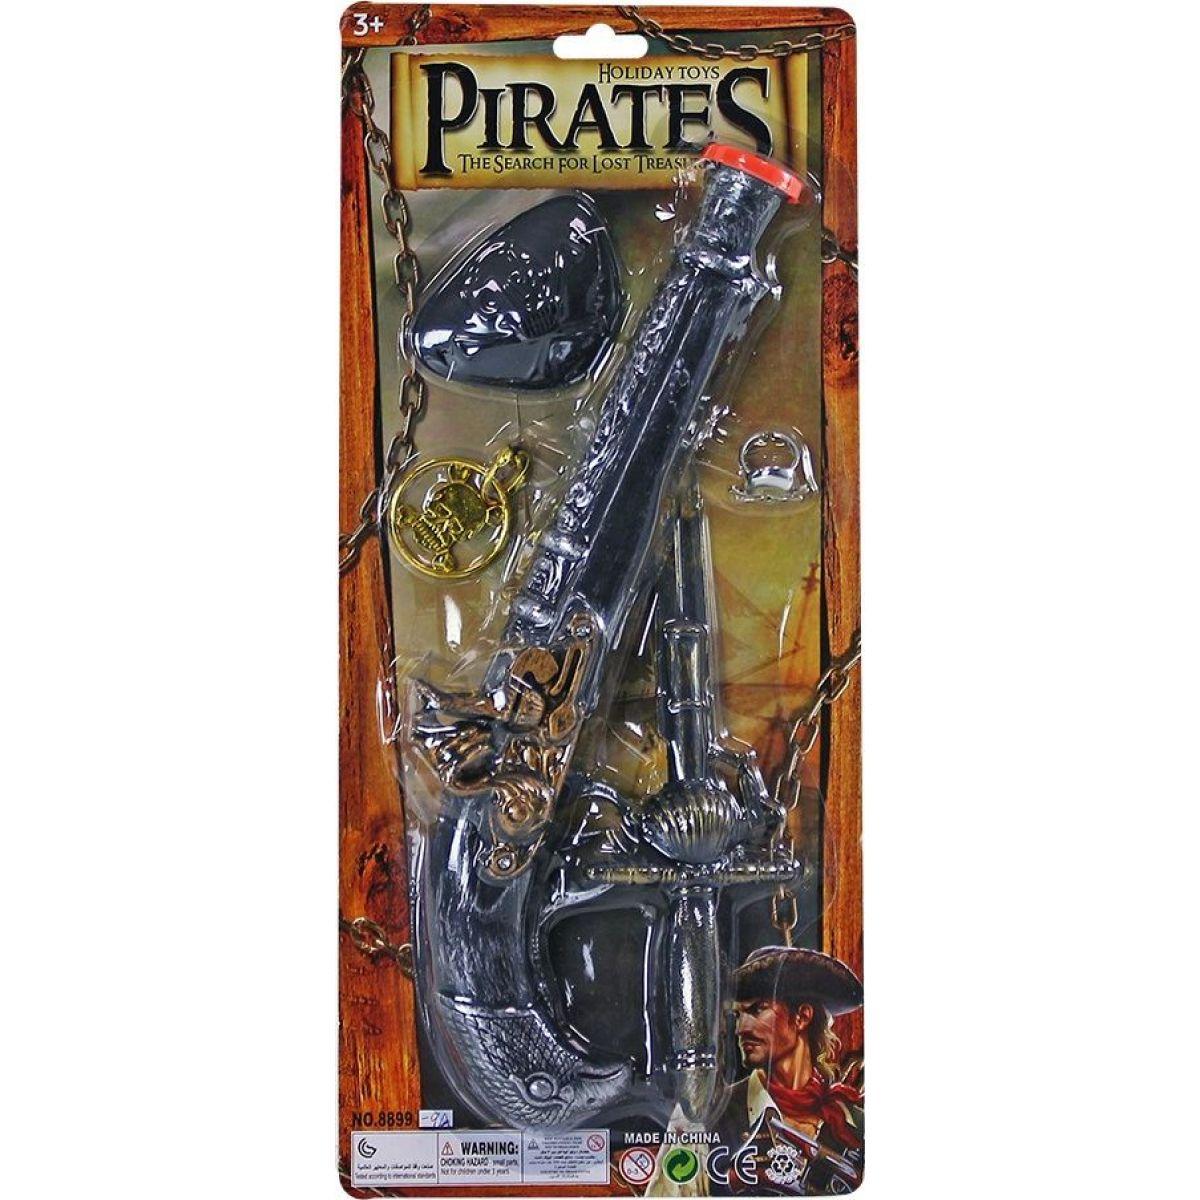 Rappa Sada pirátska s príslušenstvom - Poškodený obal